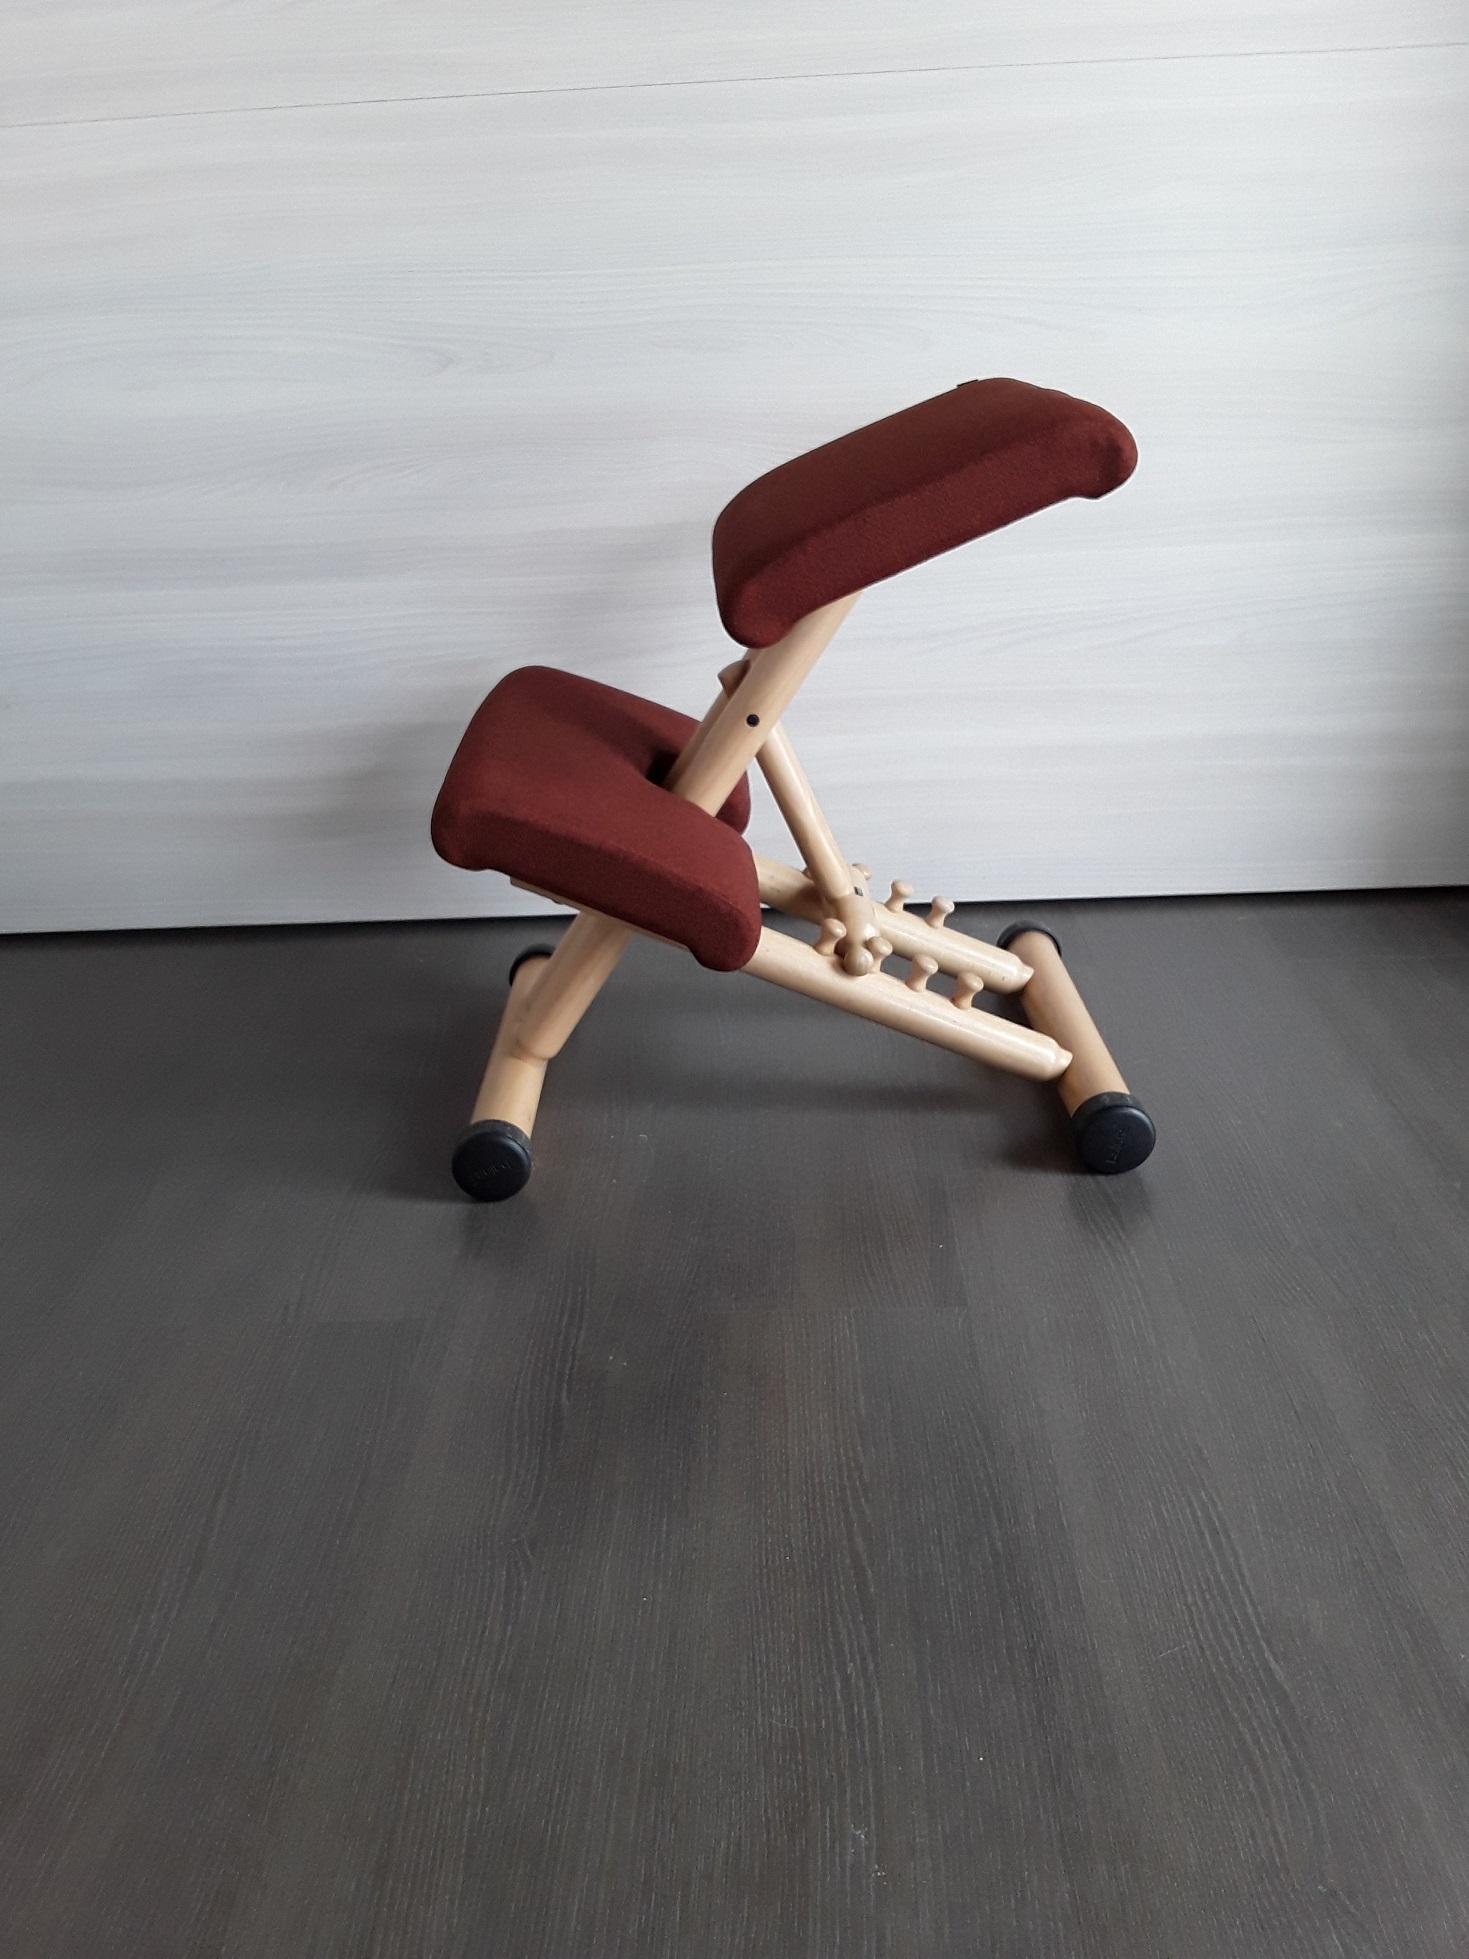 Vari r sedia multi scontato del 25 sedie a prezzi for Sedia ufficio varier